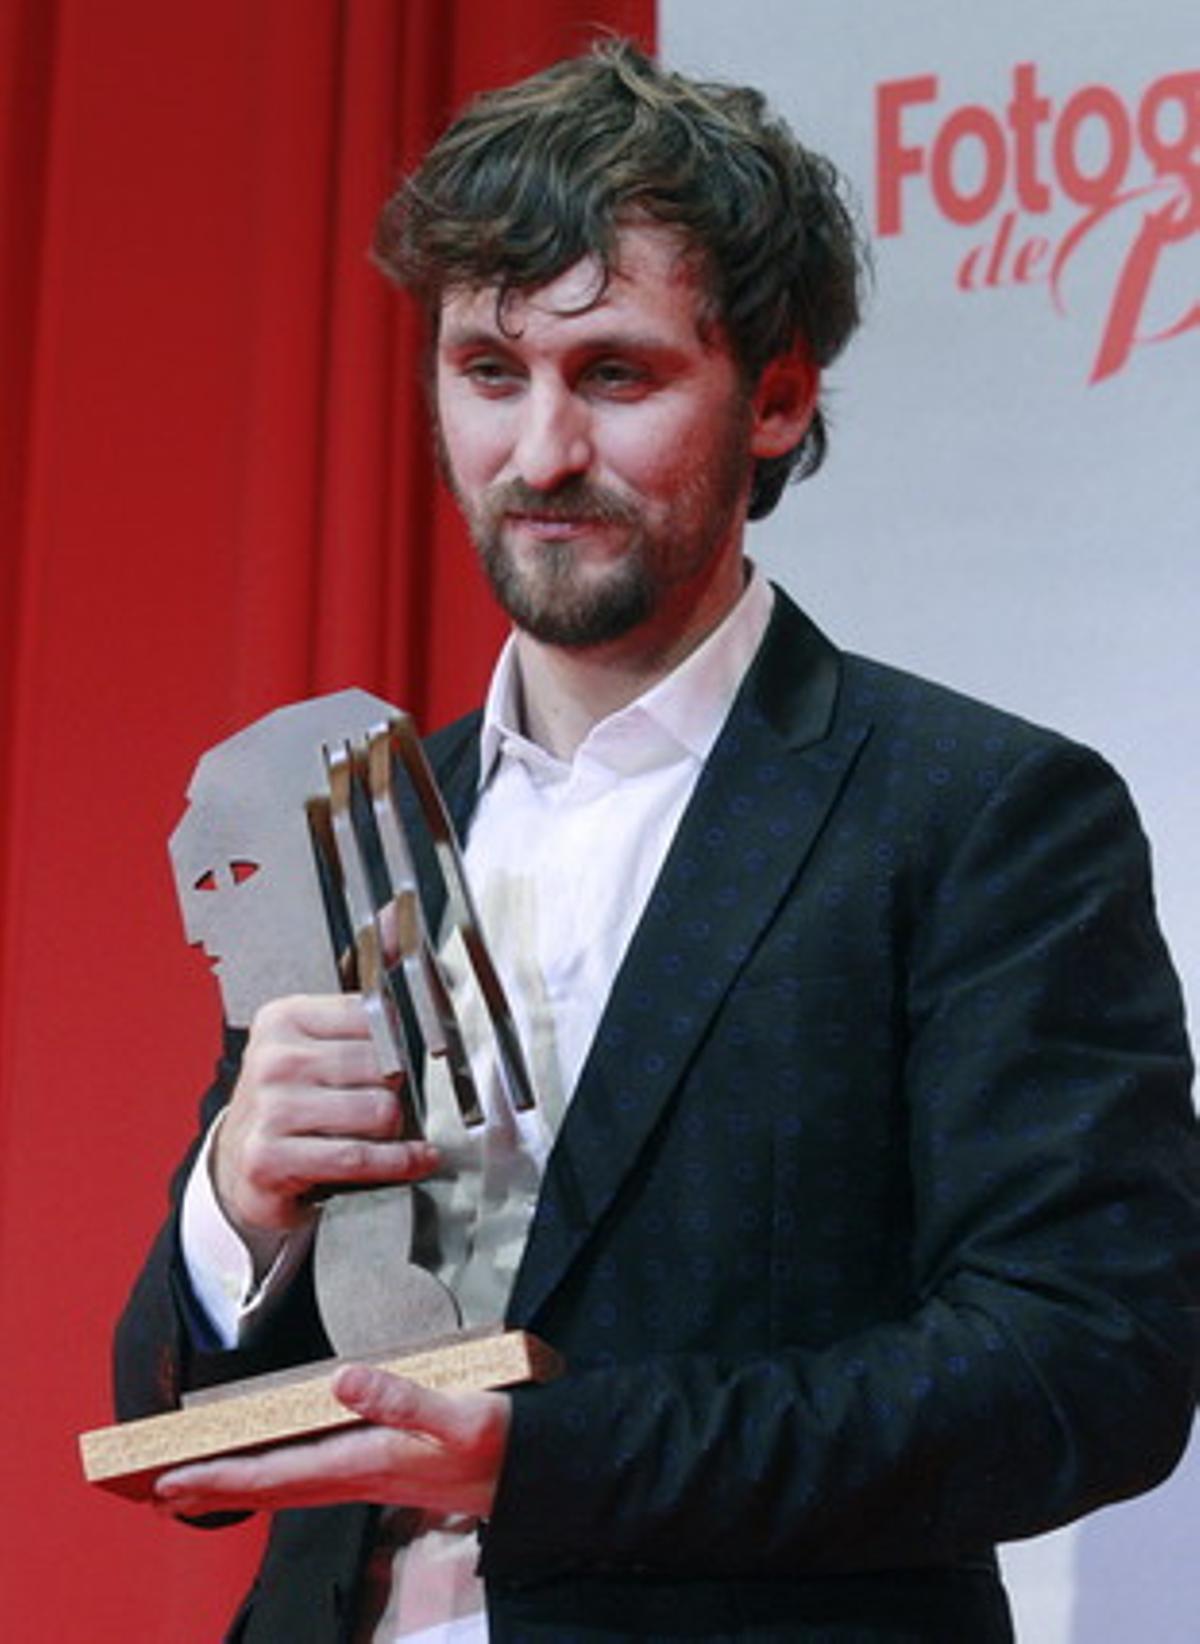 El actor Raúl Arévalo tras recibir el premio al mejor actor de televisión, por su trabajo en la serie 'Con el culo al aire'.